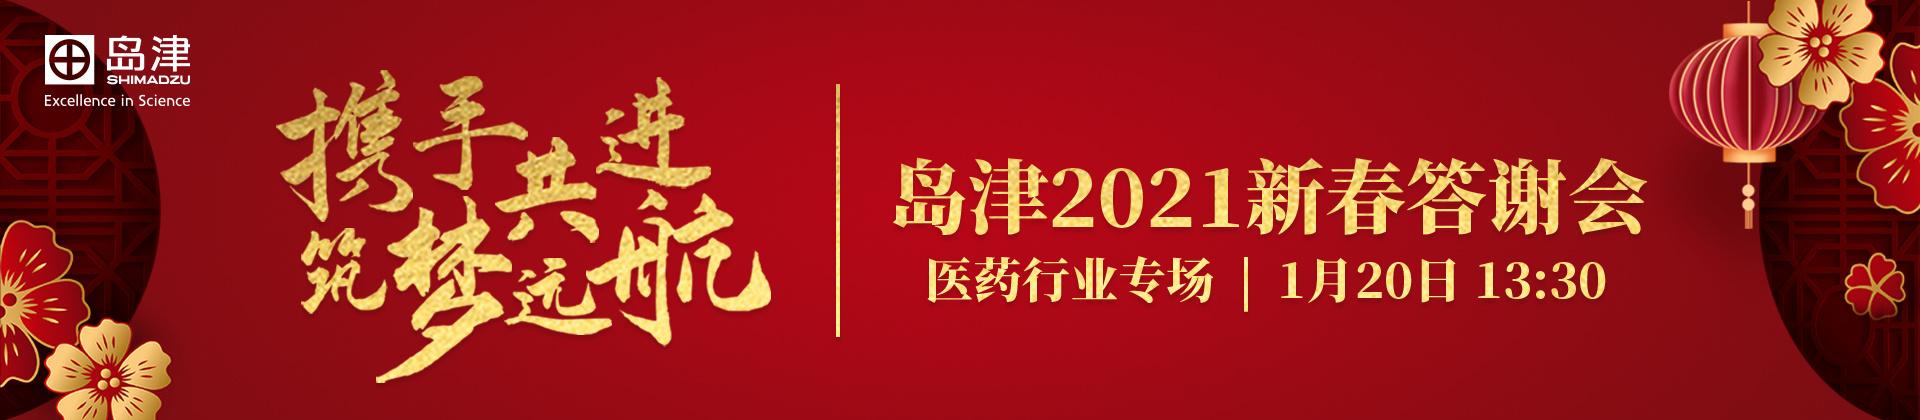 2021-01-20 13:30 制药热点话题+行业方案+大事件回顾――岛津年度盘点答谢会